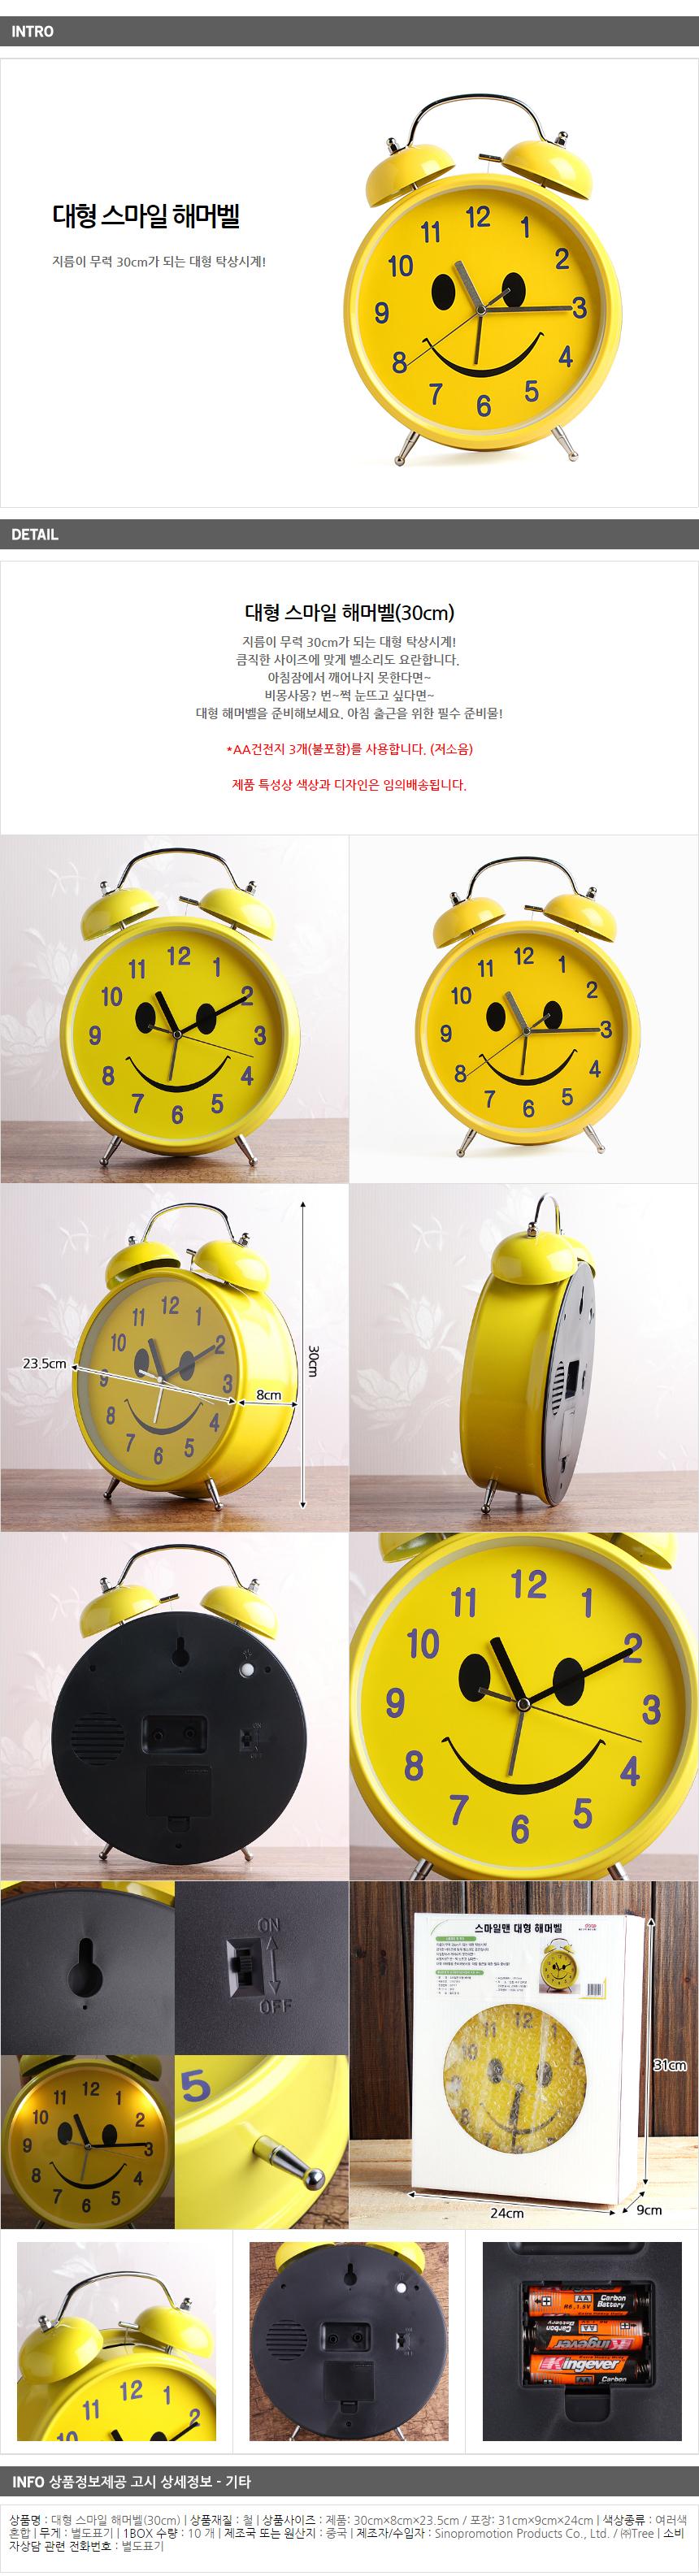 시끄러운 대형 알람시계 인테리어 소품 - 기프트갓, 30,150원, 알람/탁상시계, 알람시계